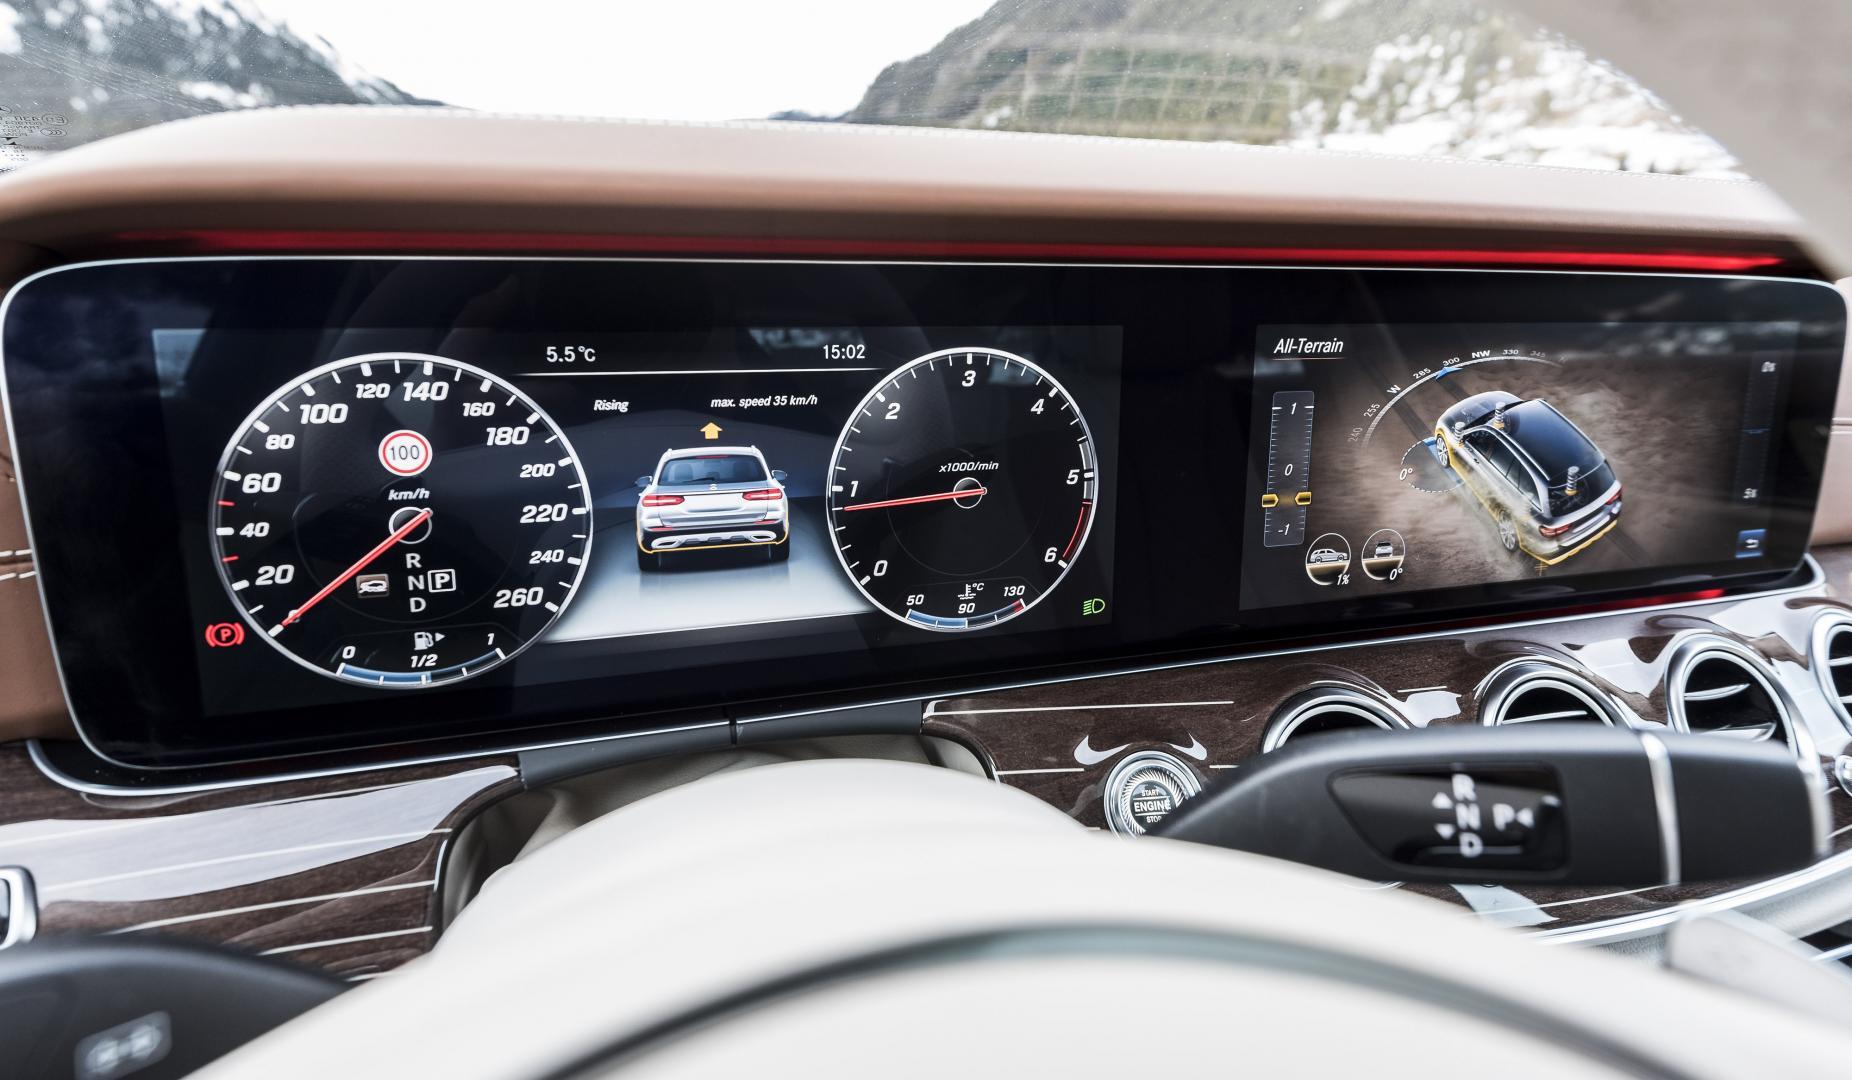 Topgear Probeert De Mercedes E Klasse All Terrain In